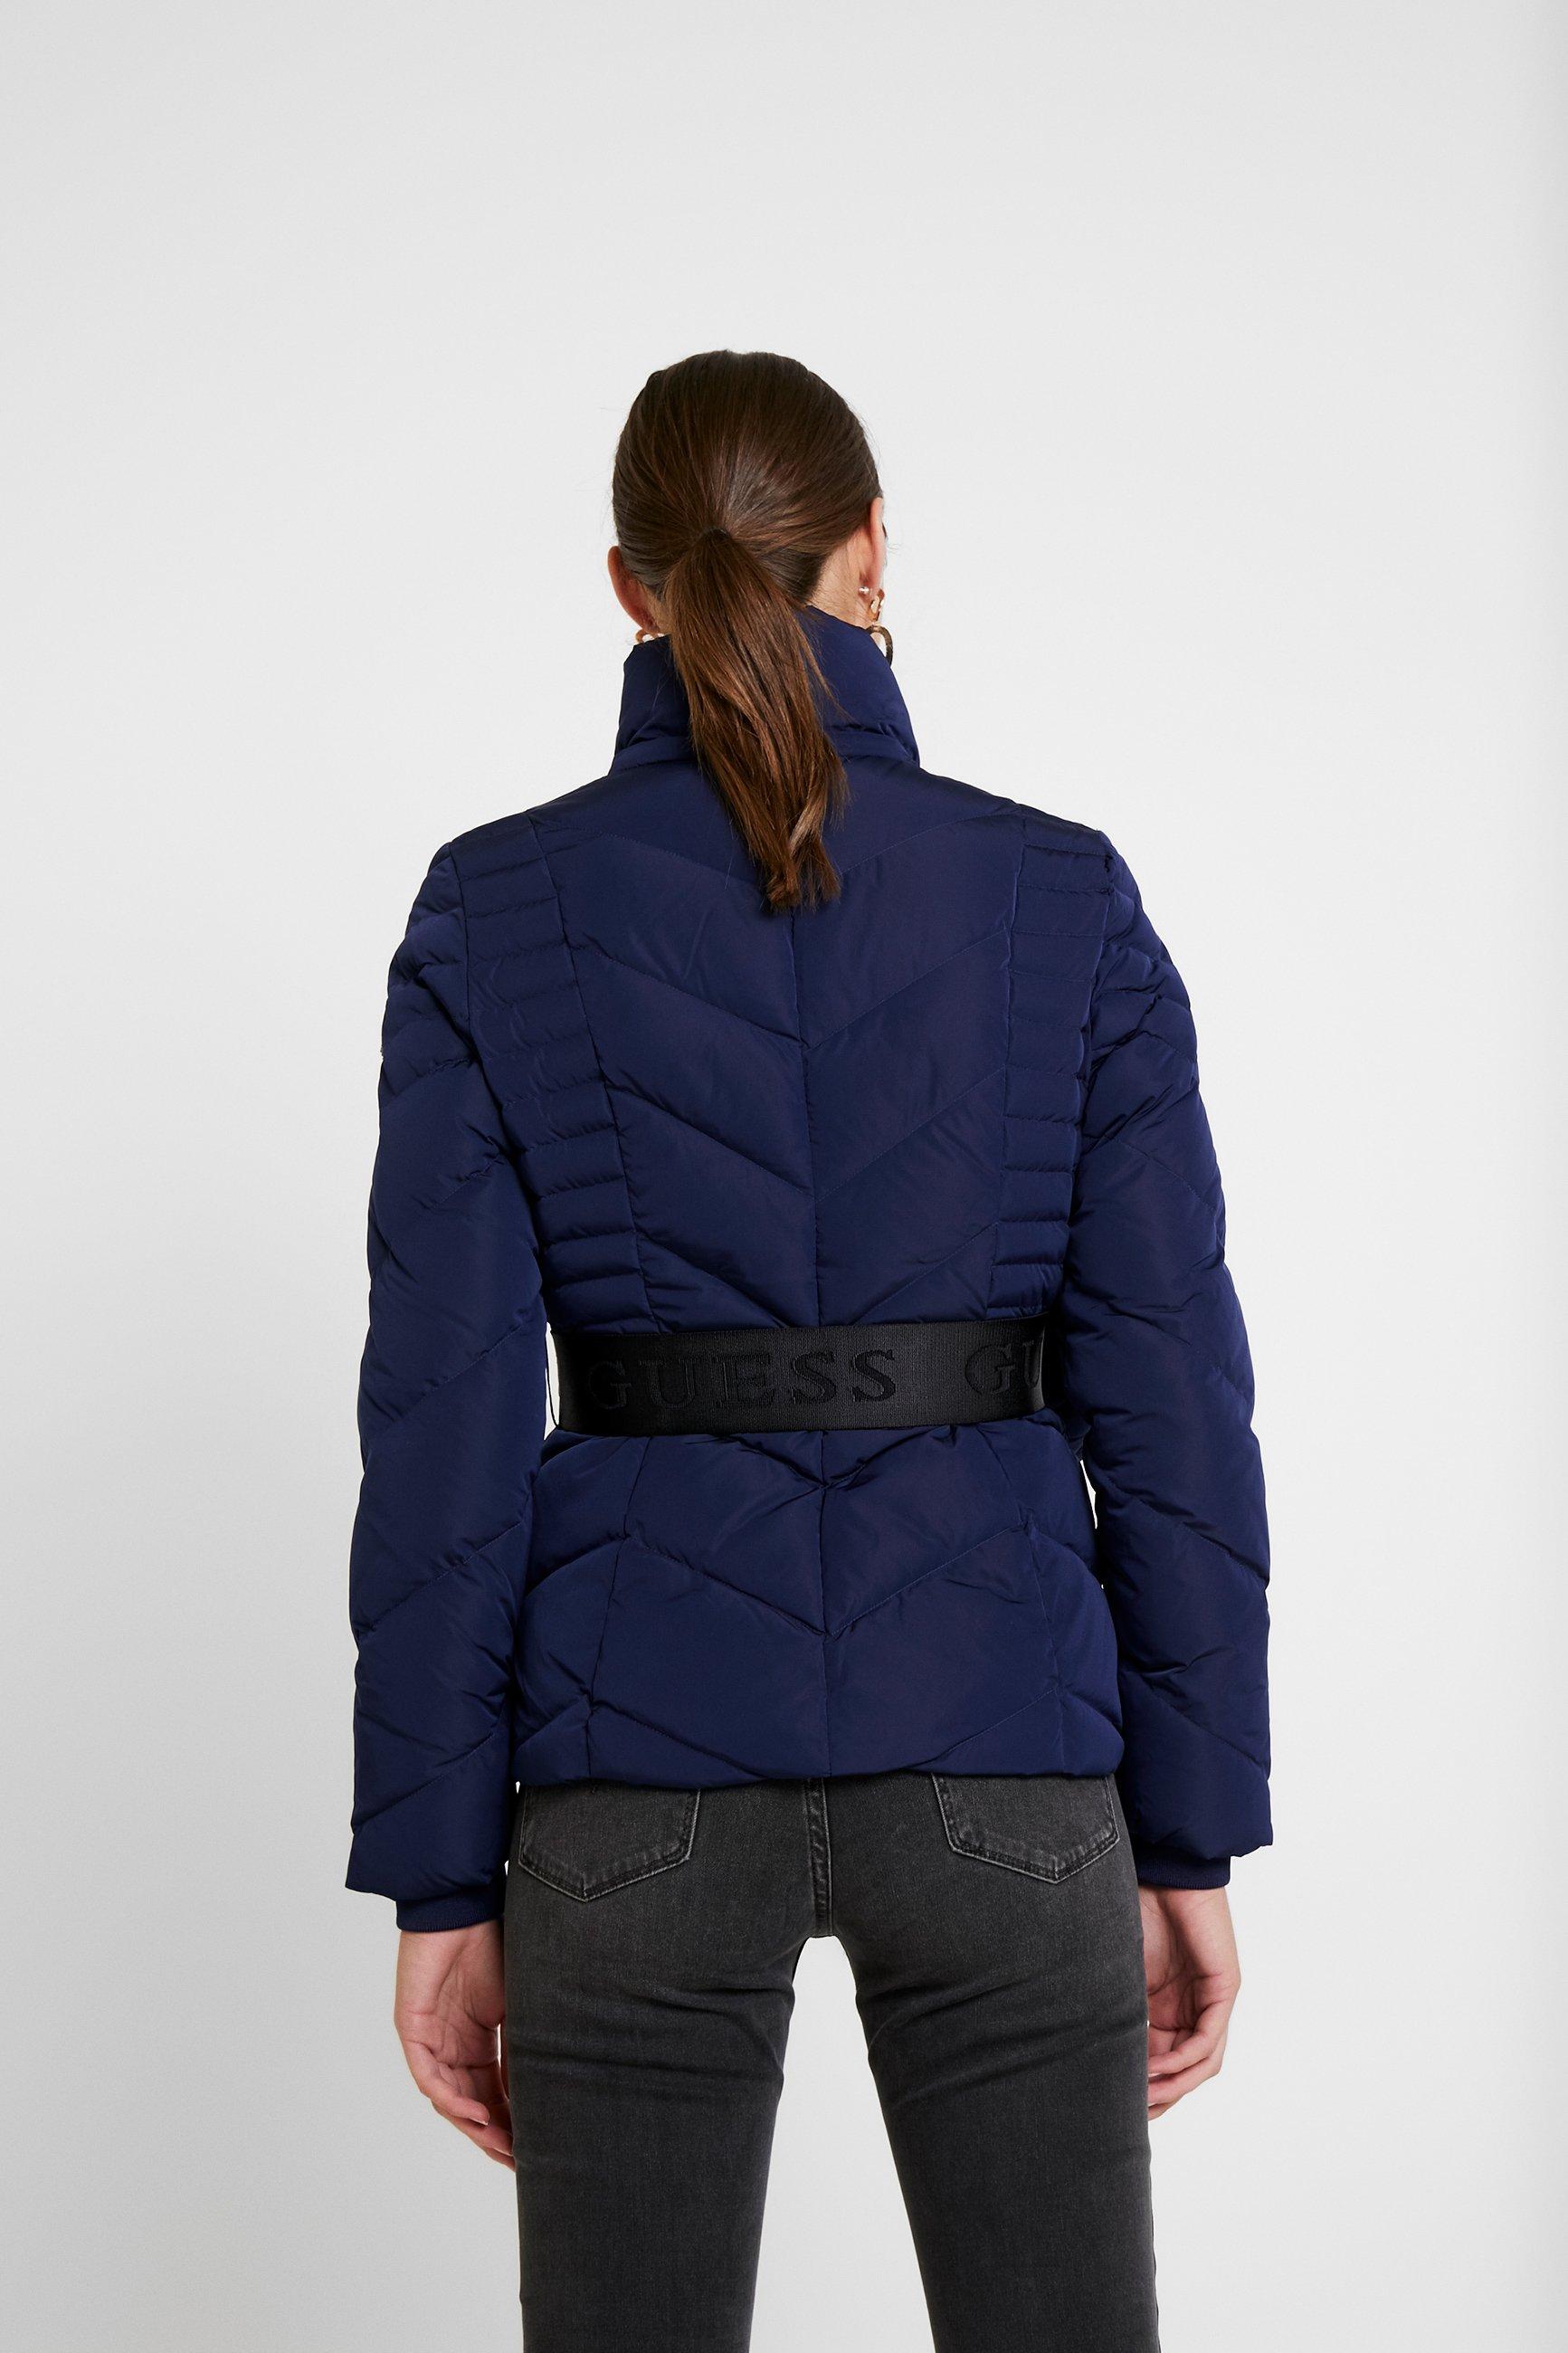 Tommy Jeans JACKET Gewatteerde jas metallicblack